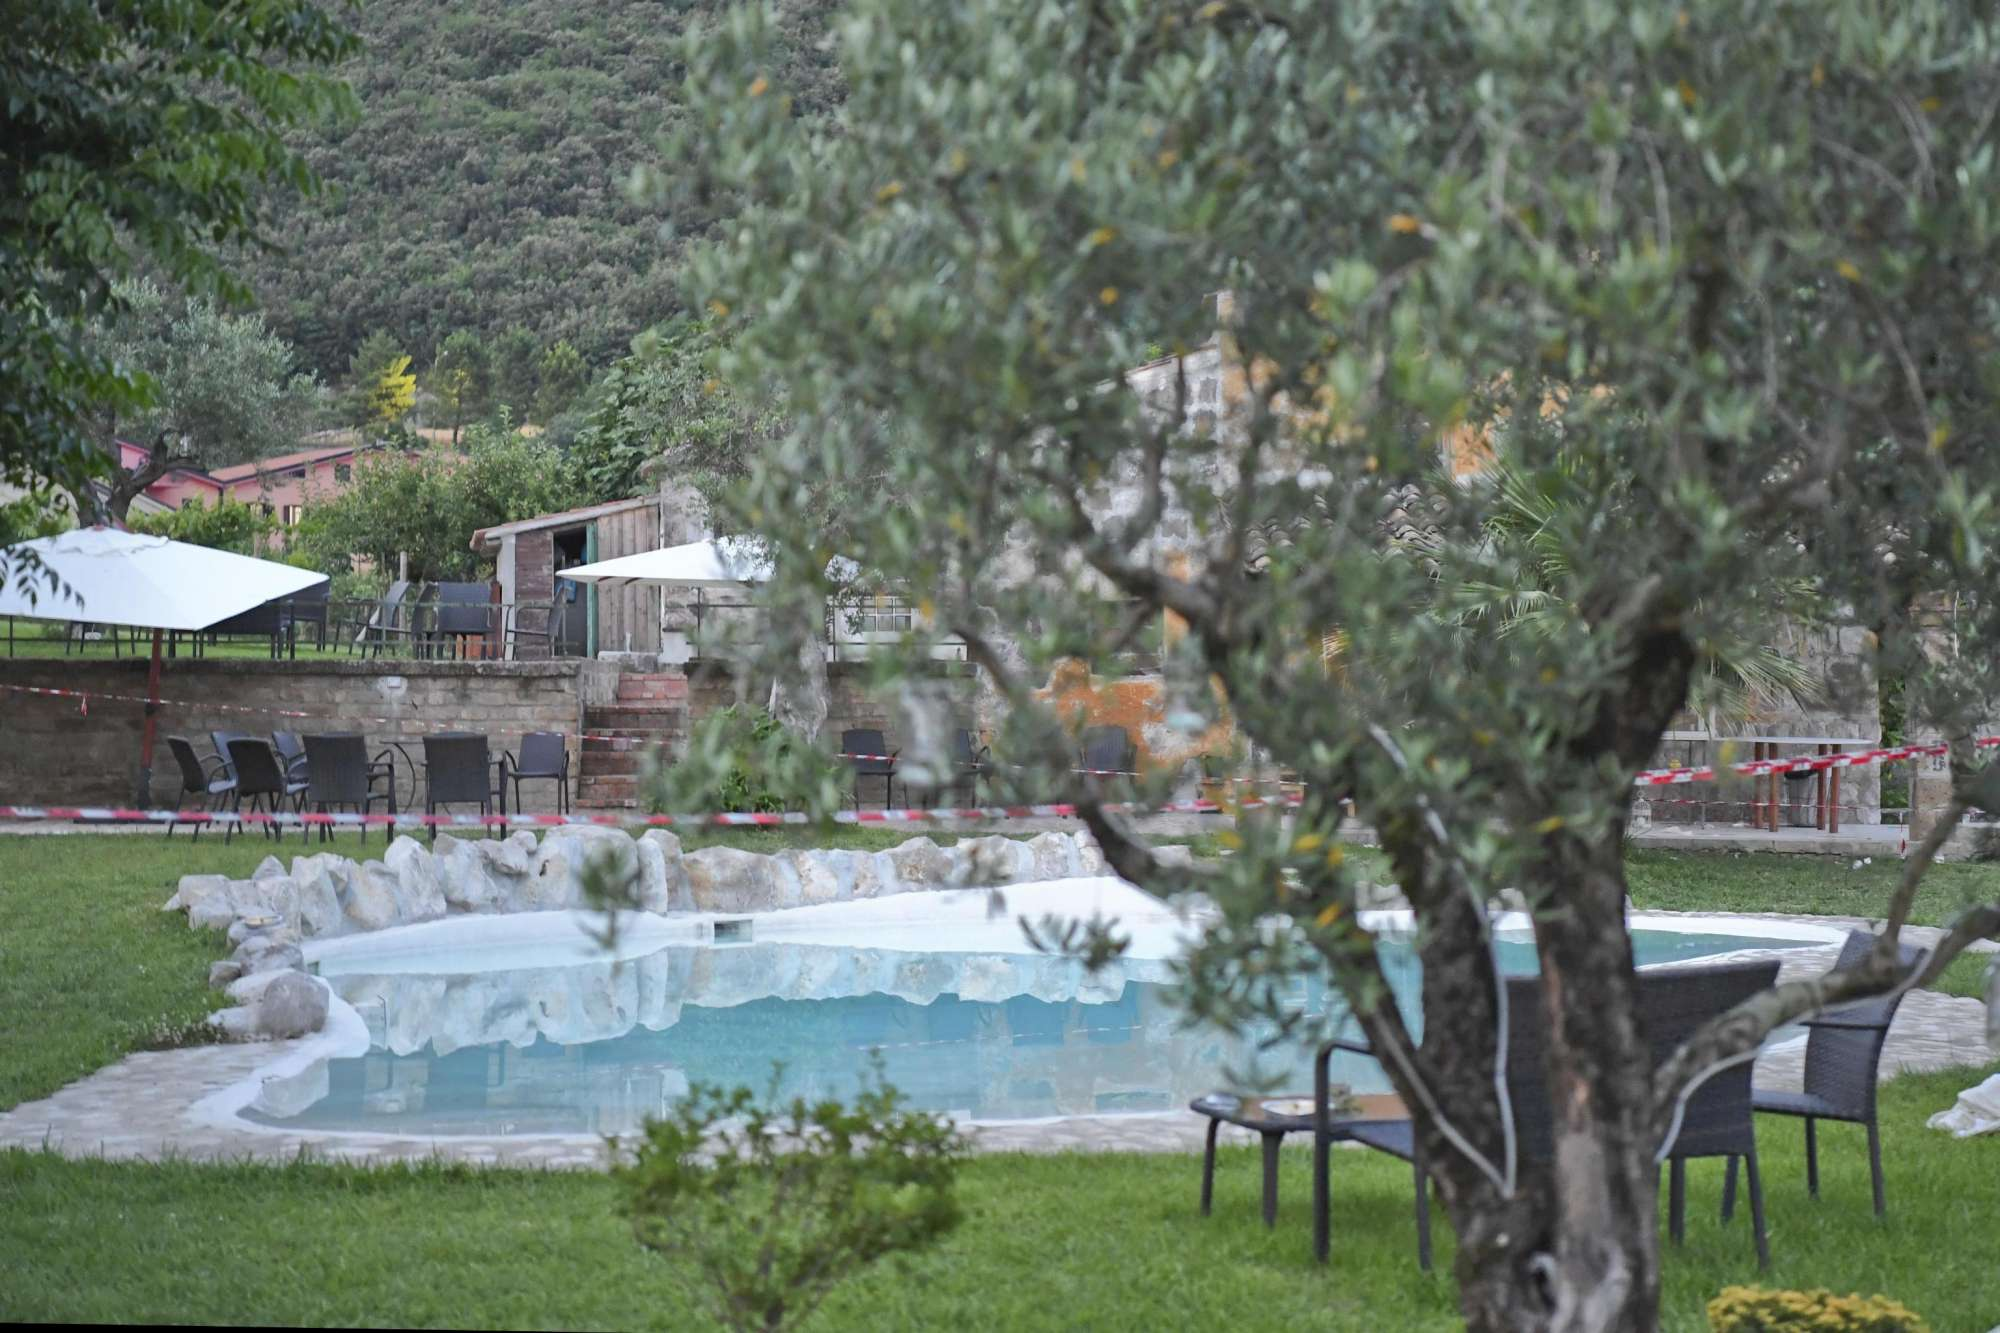 Benevento, la piscina dove è stata trovata morta la piccola Maria